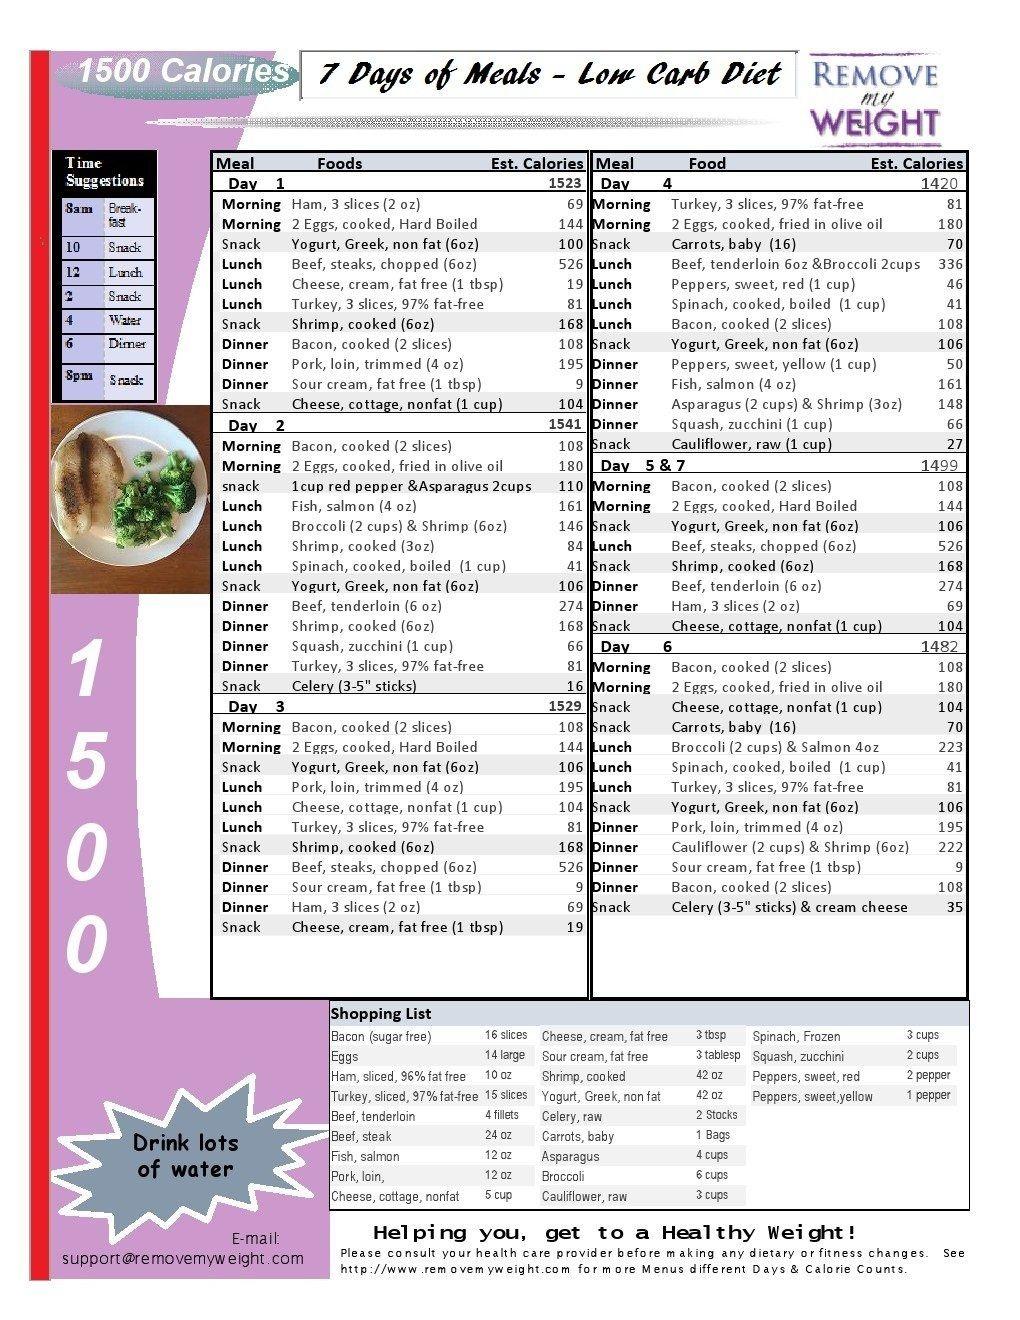 Printable Low Carb Diet: 1 Week -1500 Calorie Menu Plan | Diet Meal - Free Printable Low Carb Diet Plans